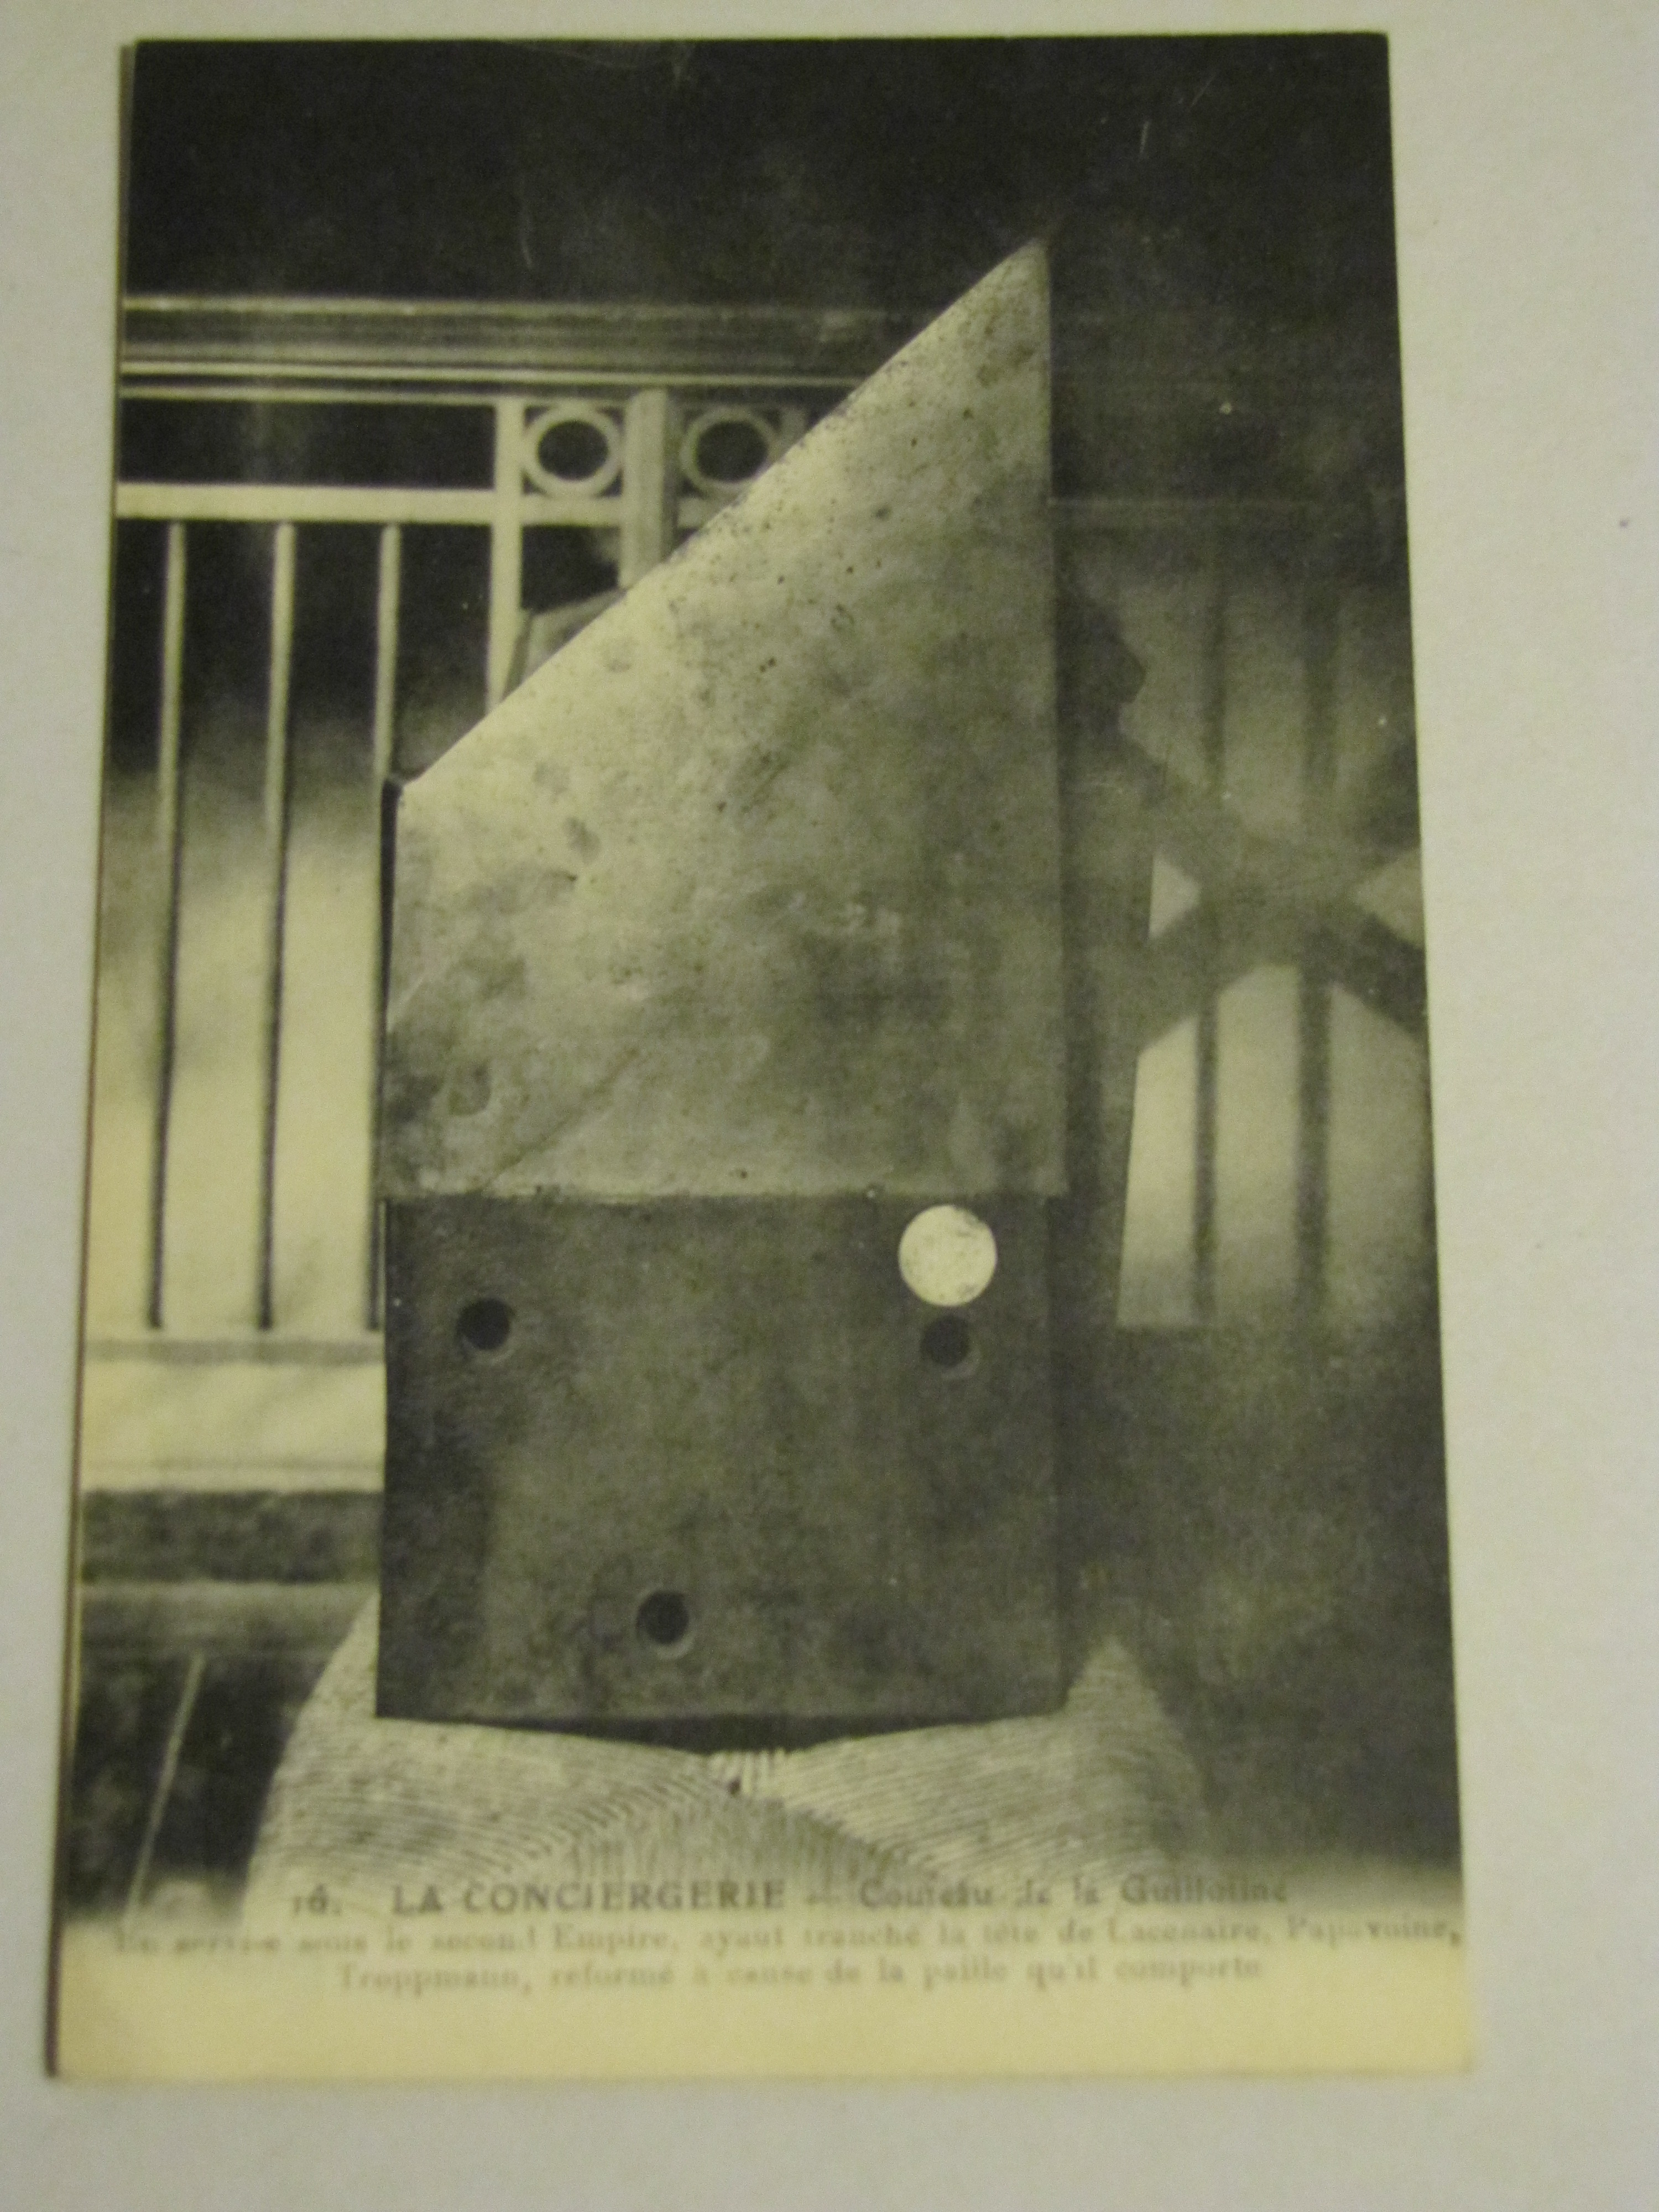 Fallbeil auf einer historischen Ansichtskarte, Sammlung Kirchschlager